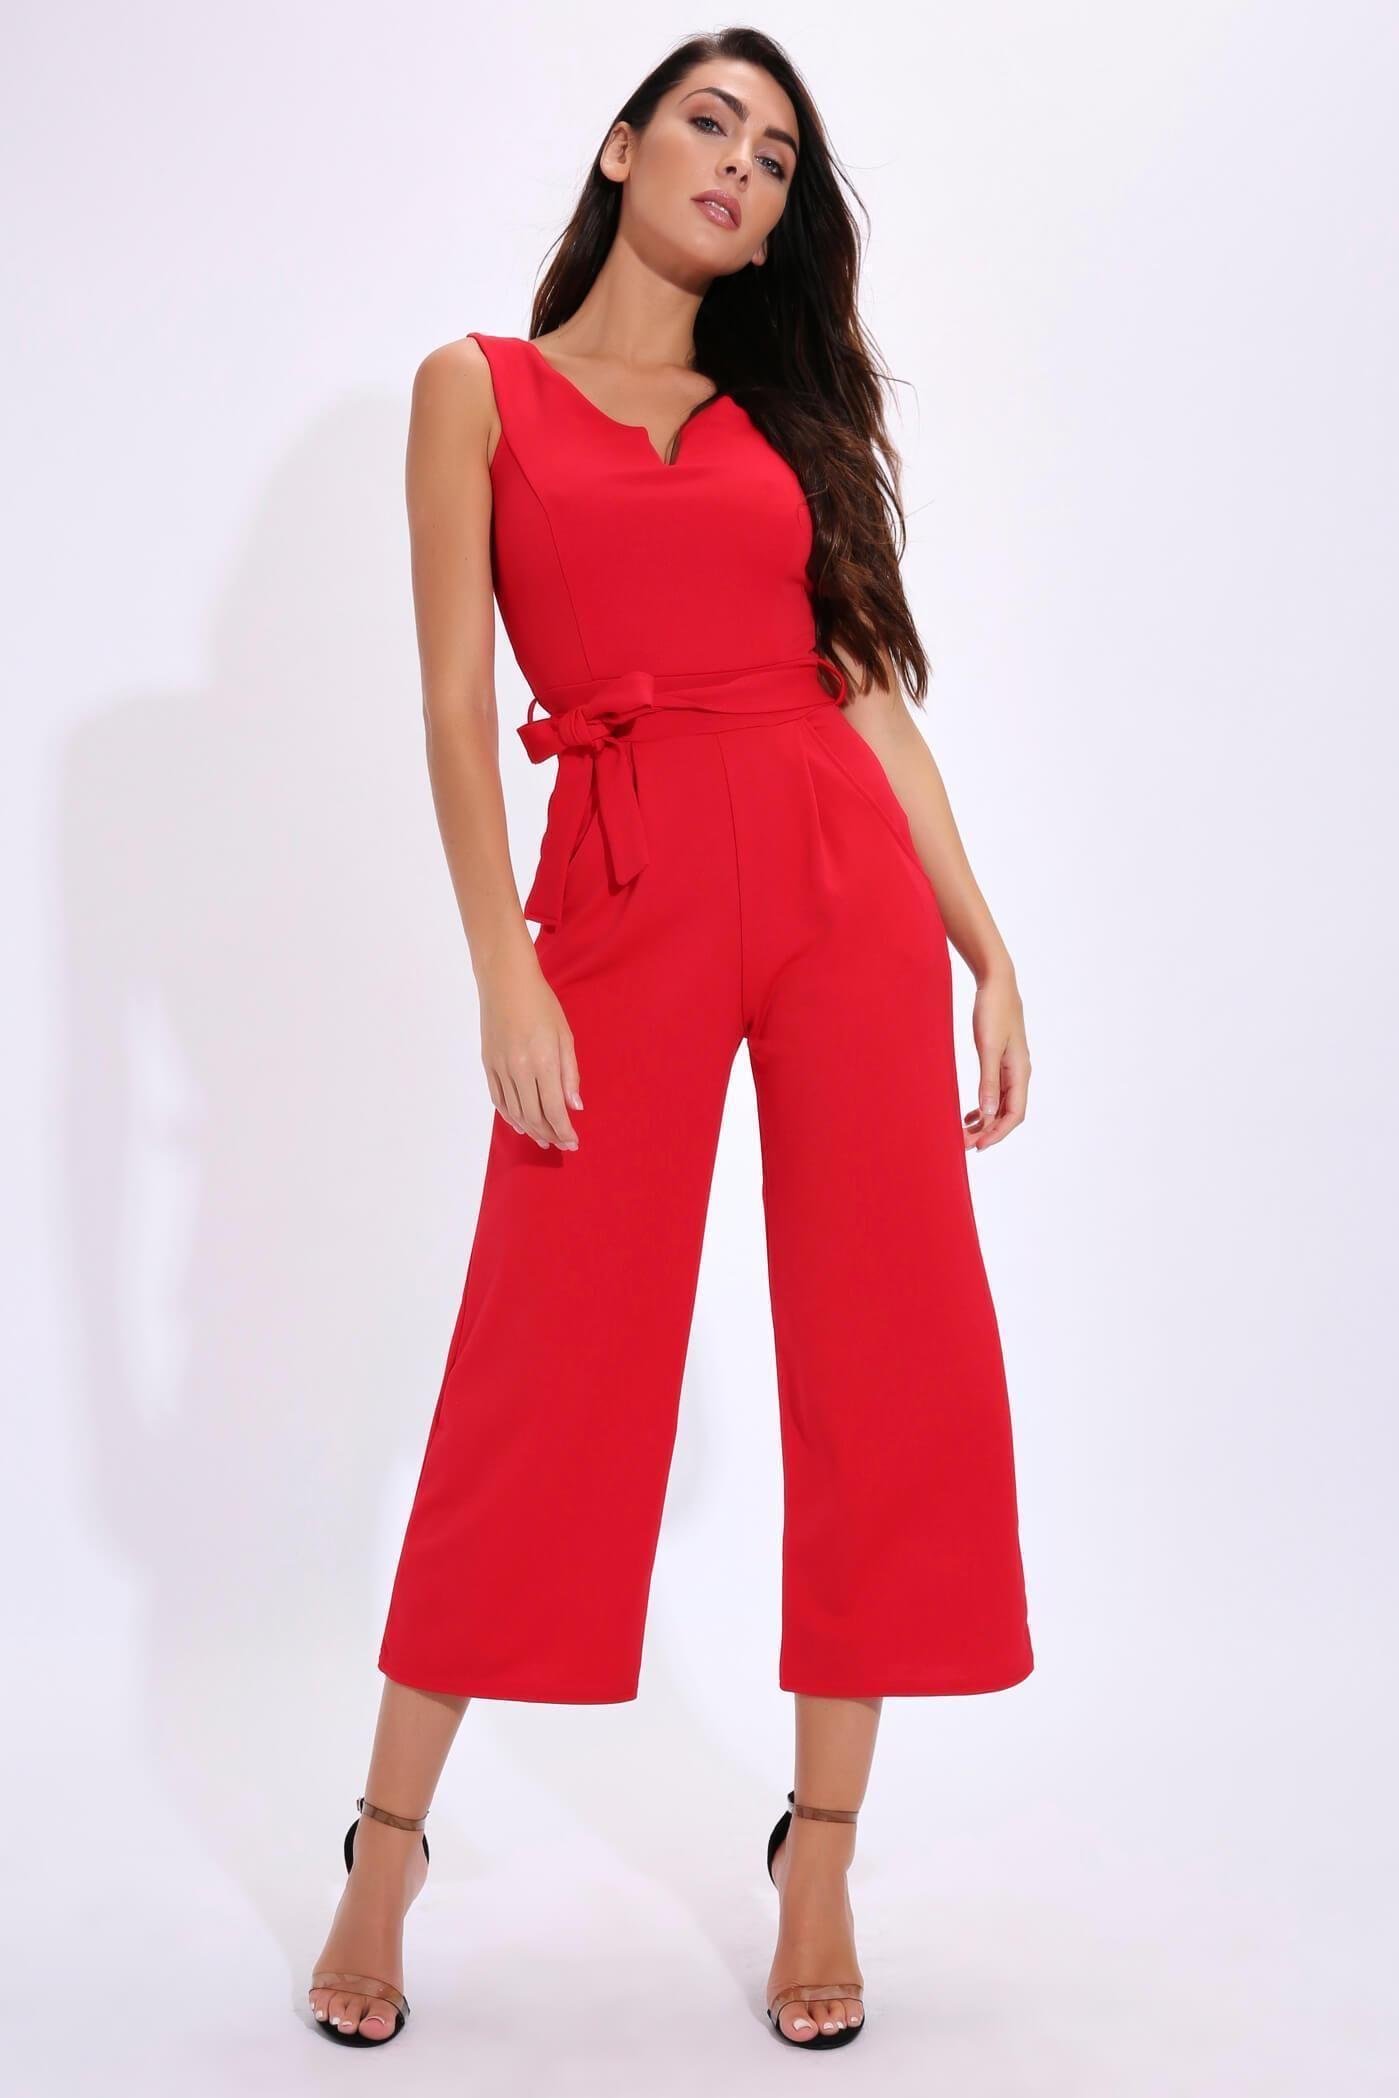 79c0bd567b60 Red Tie Waist Belt Jumpsuit